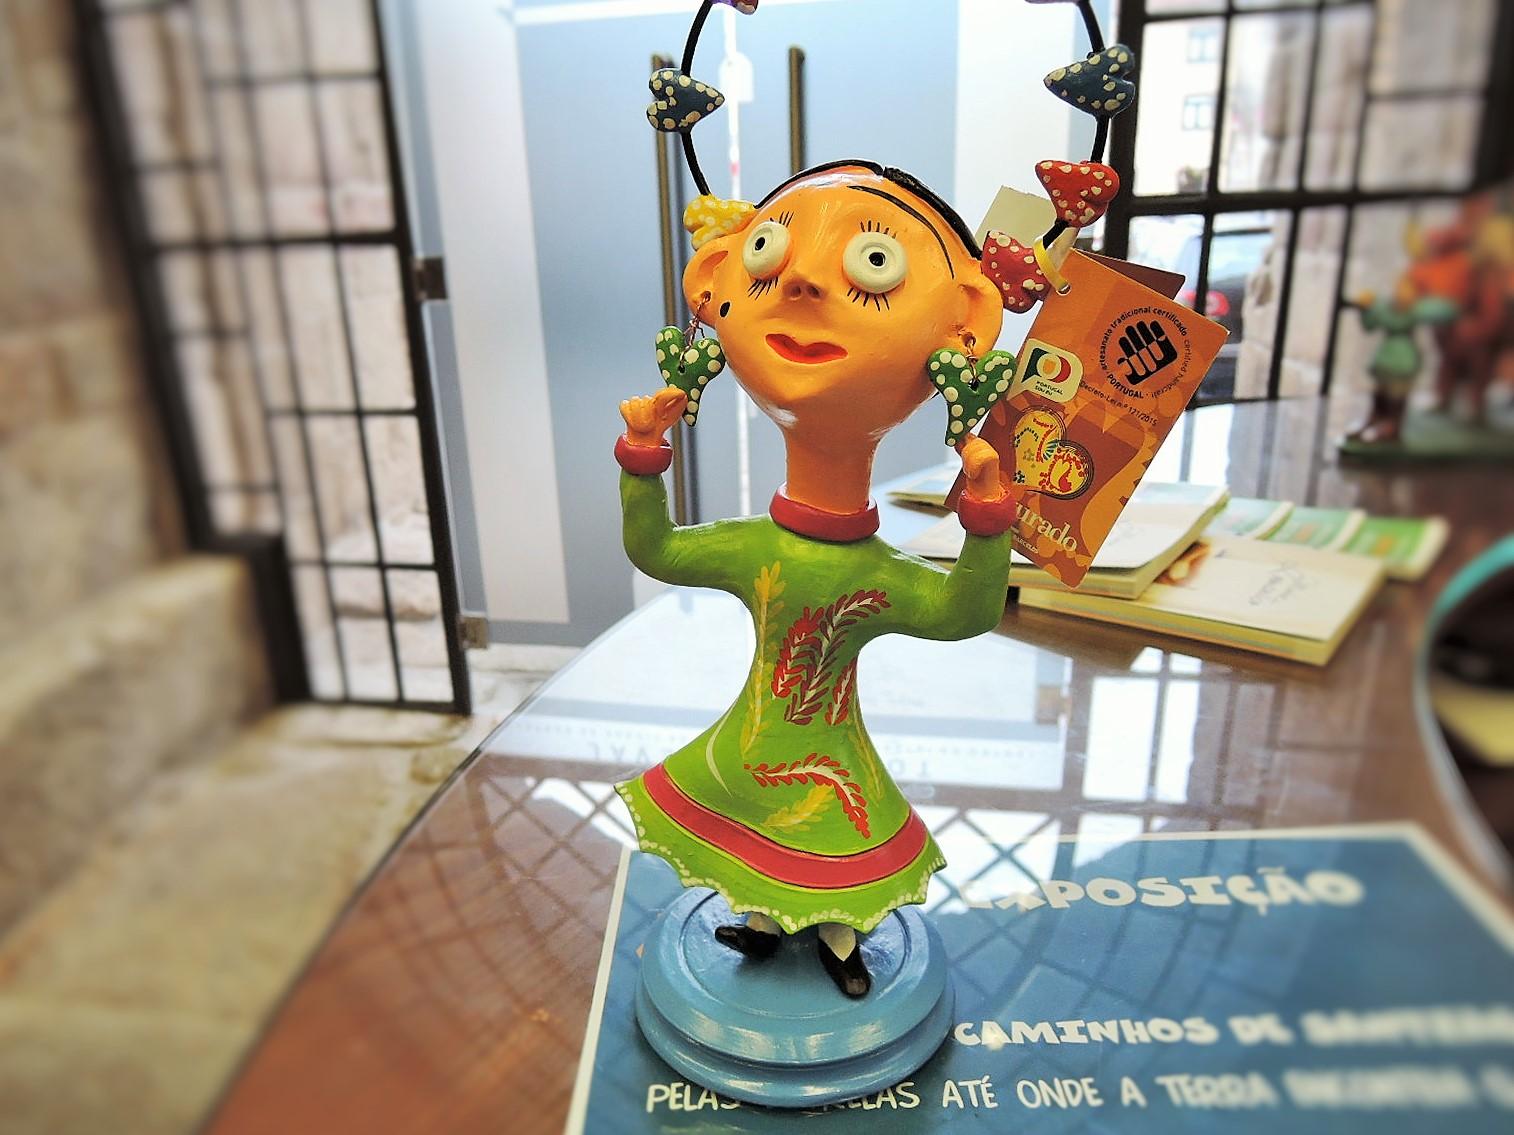 ポルトガル陶器 Irmao Baraca作品 ミーニョの女性陶人形